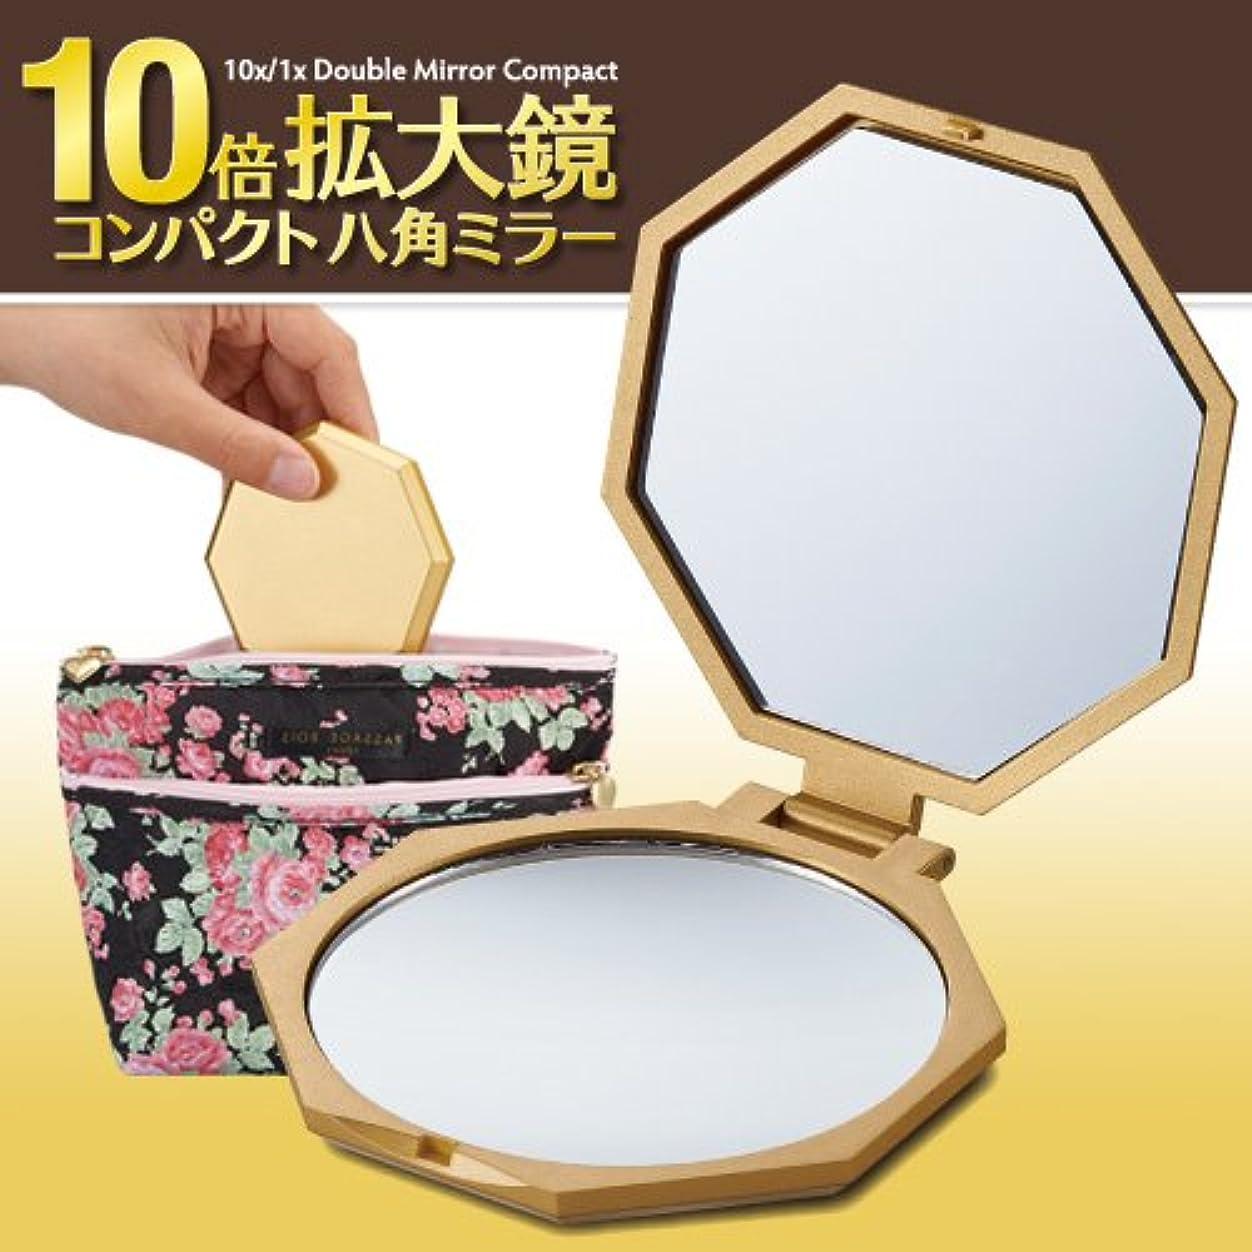 ミスペンド見習い成熟した八角形×金色の風水デザイン コンパクトな10倍拡大鏡付きミラー【携帯ミラー アイメイクなどの細かいお化粧用鏡】